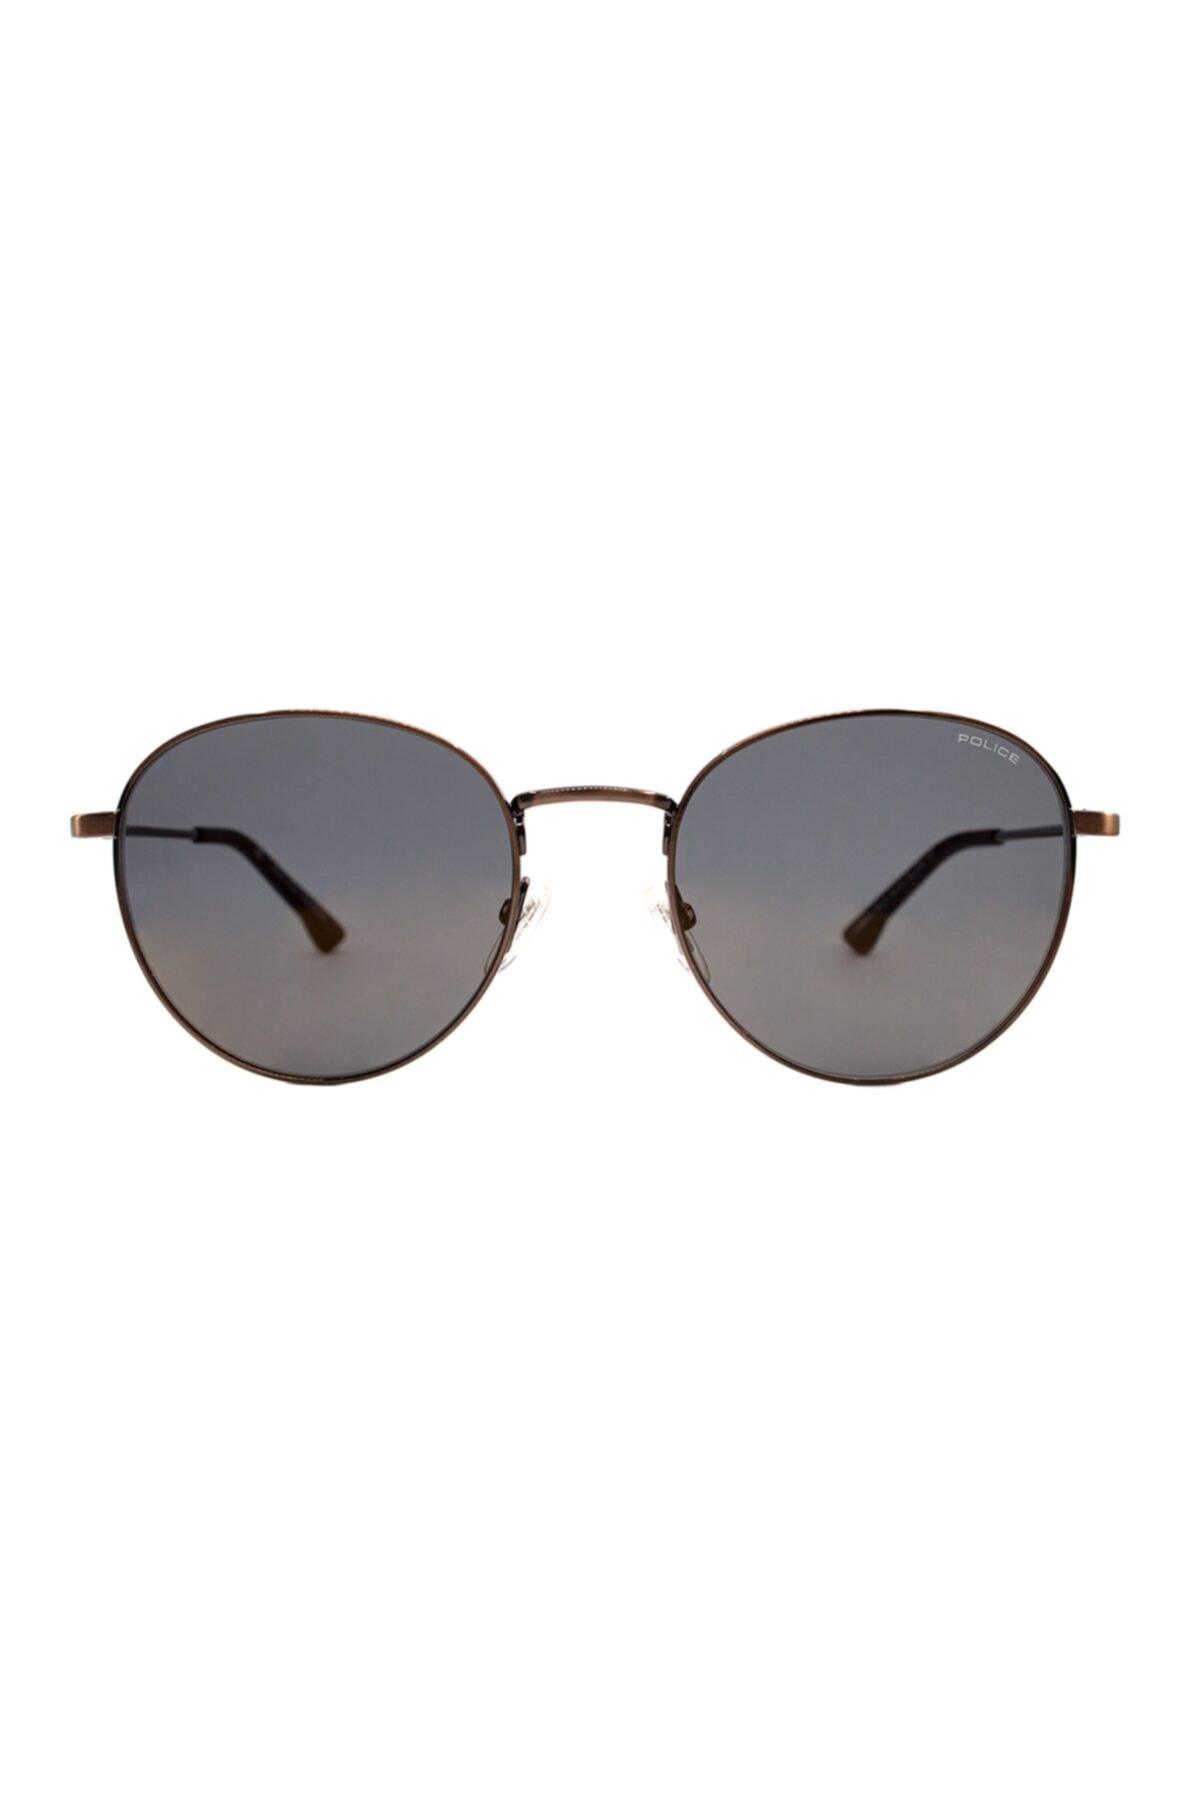 خرید انلاین عینک آفتابی زیبا زنانه برند Police رنگ متالیک کد ty88433013